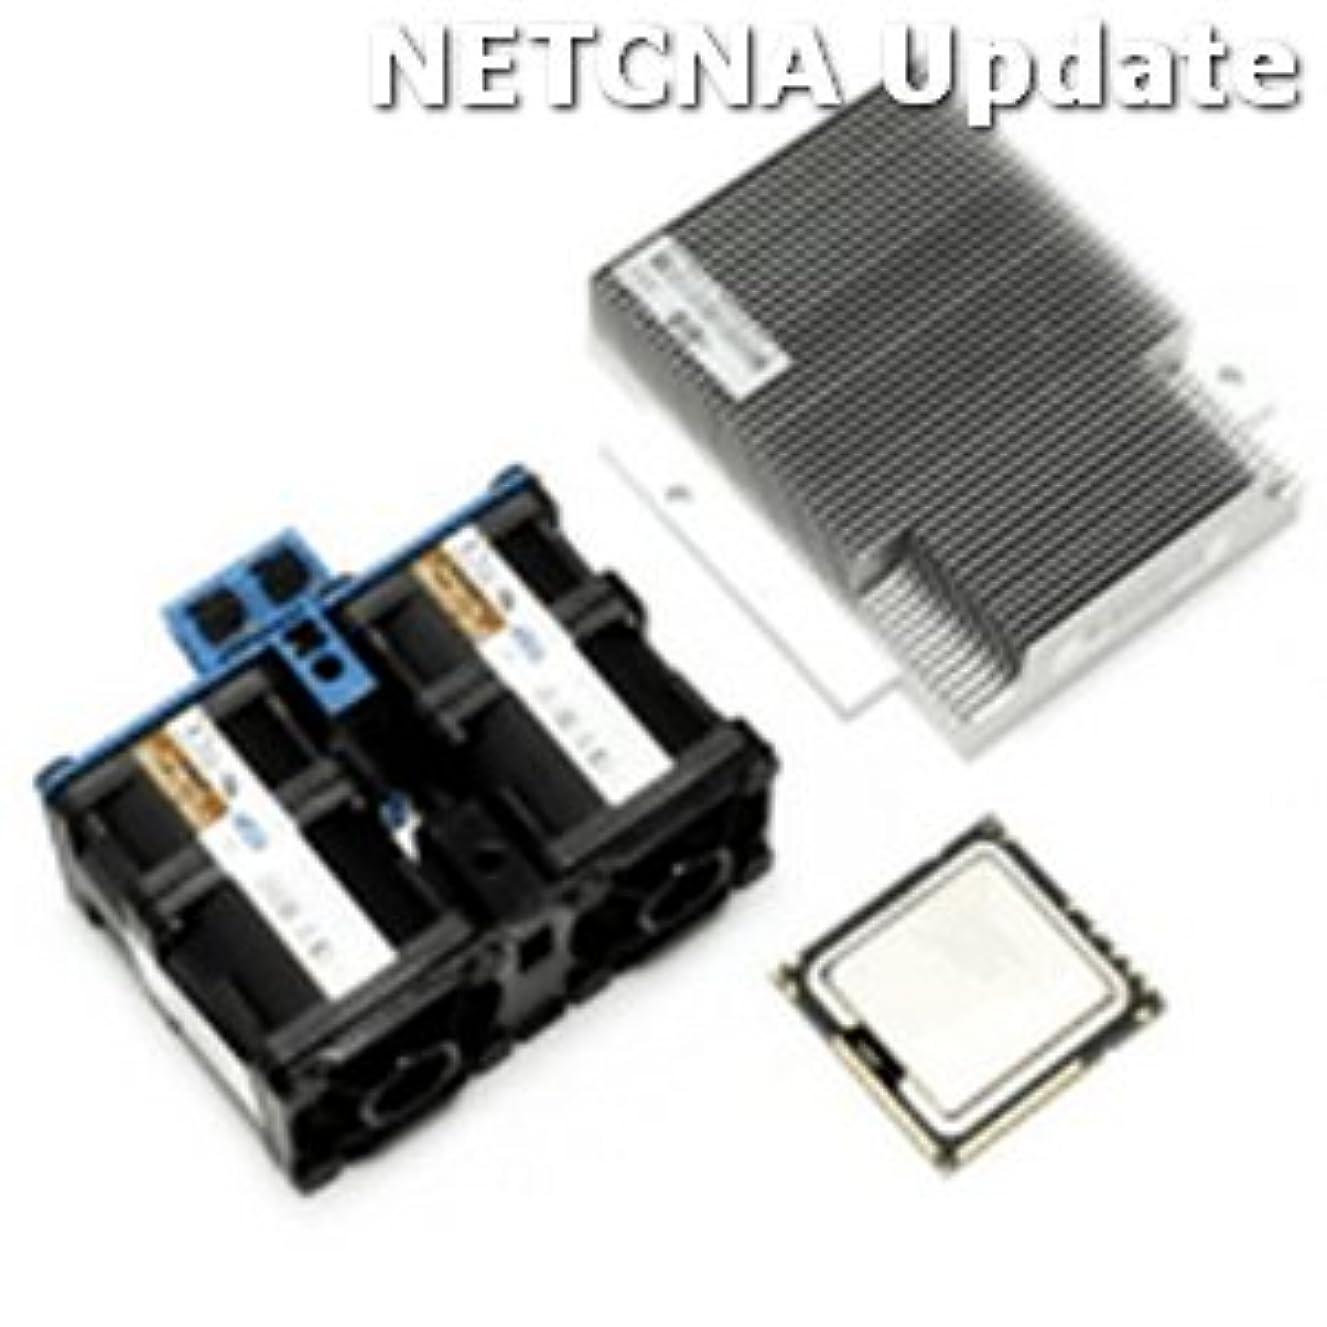 転送獲物武装解除583379-b21 HP Xeon l5530 2.40 GHz dl360 g6互換製品by NETCNA